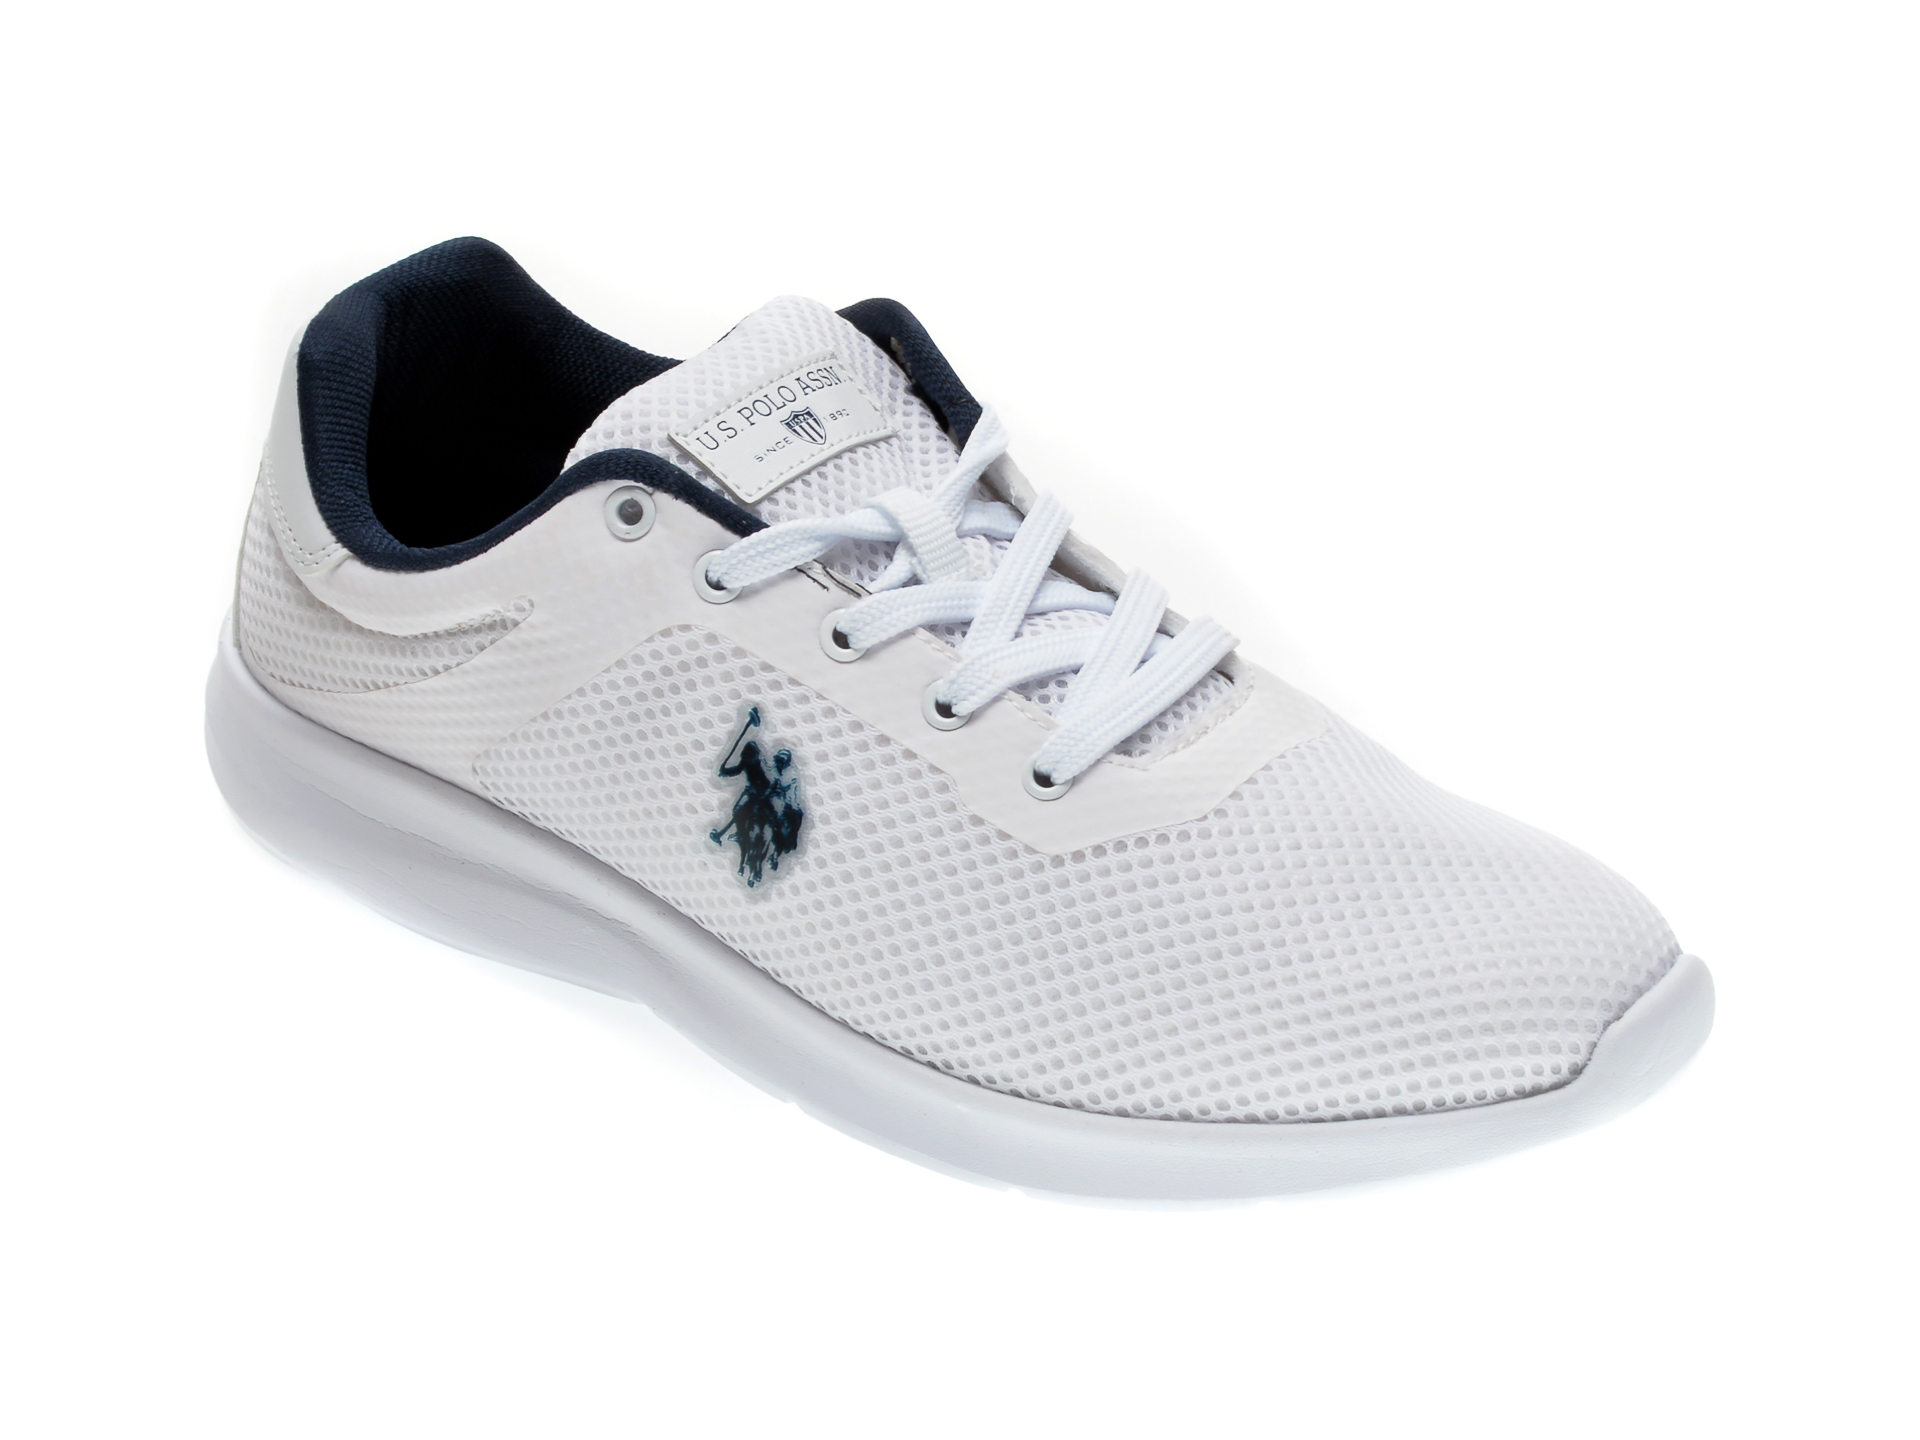 Pantofi sport US POLO ASSN albi, 489494, din piele ecologica imagine